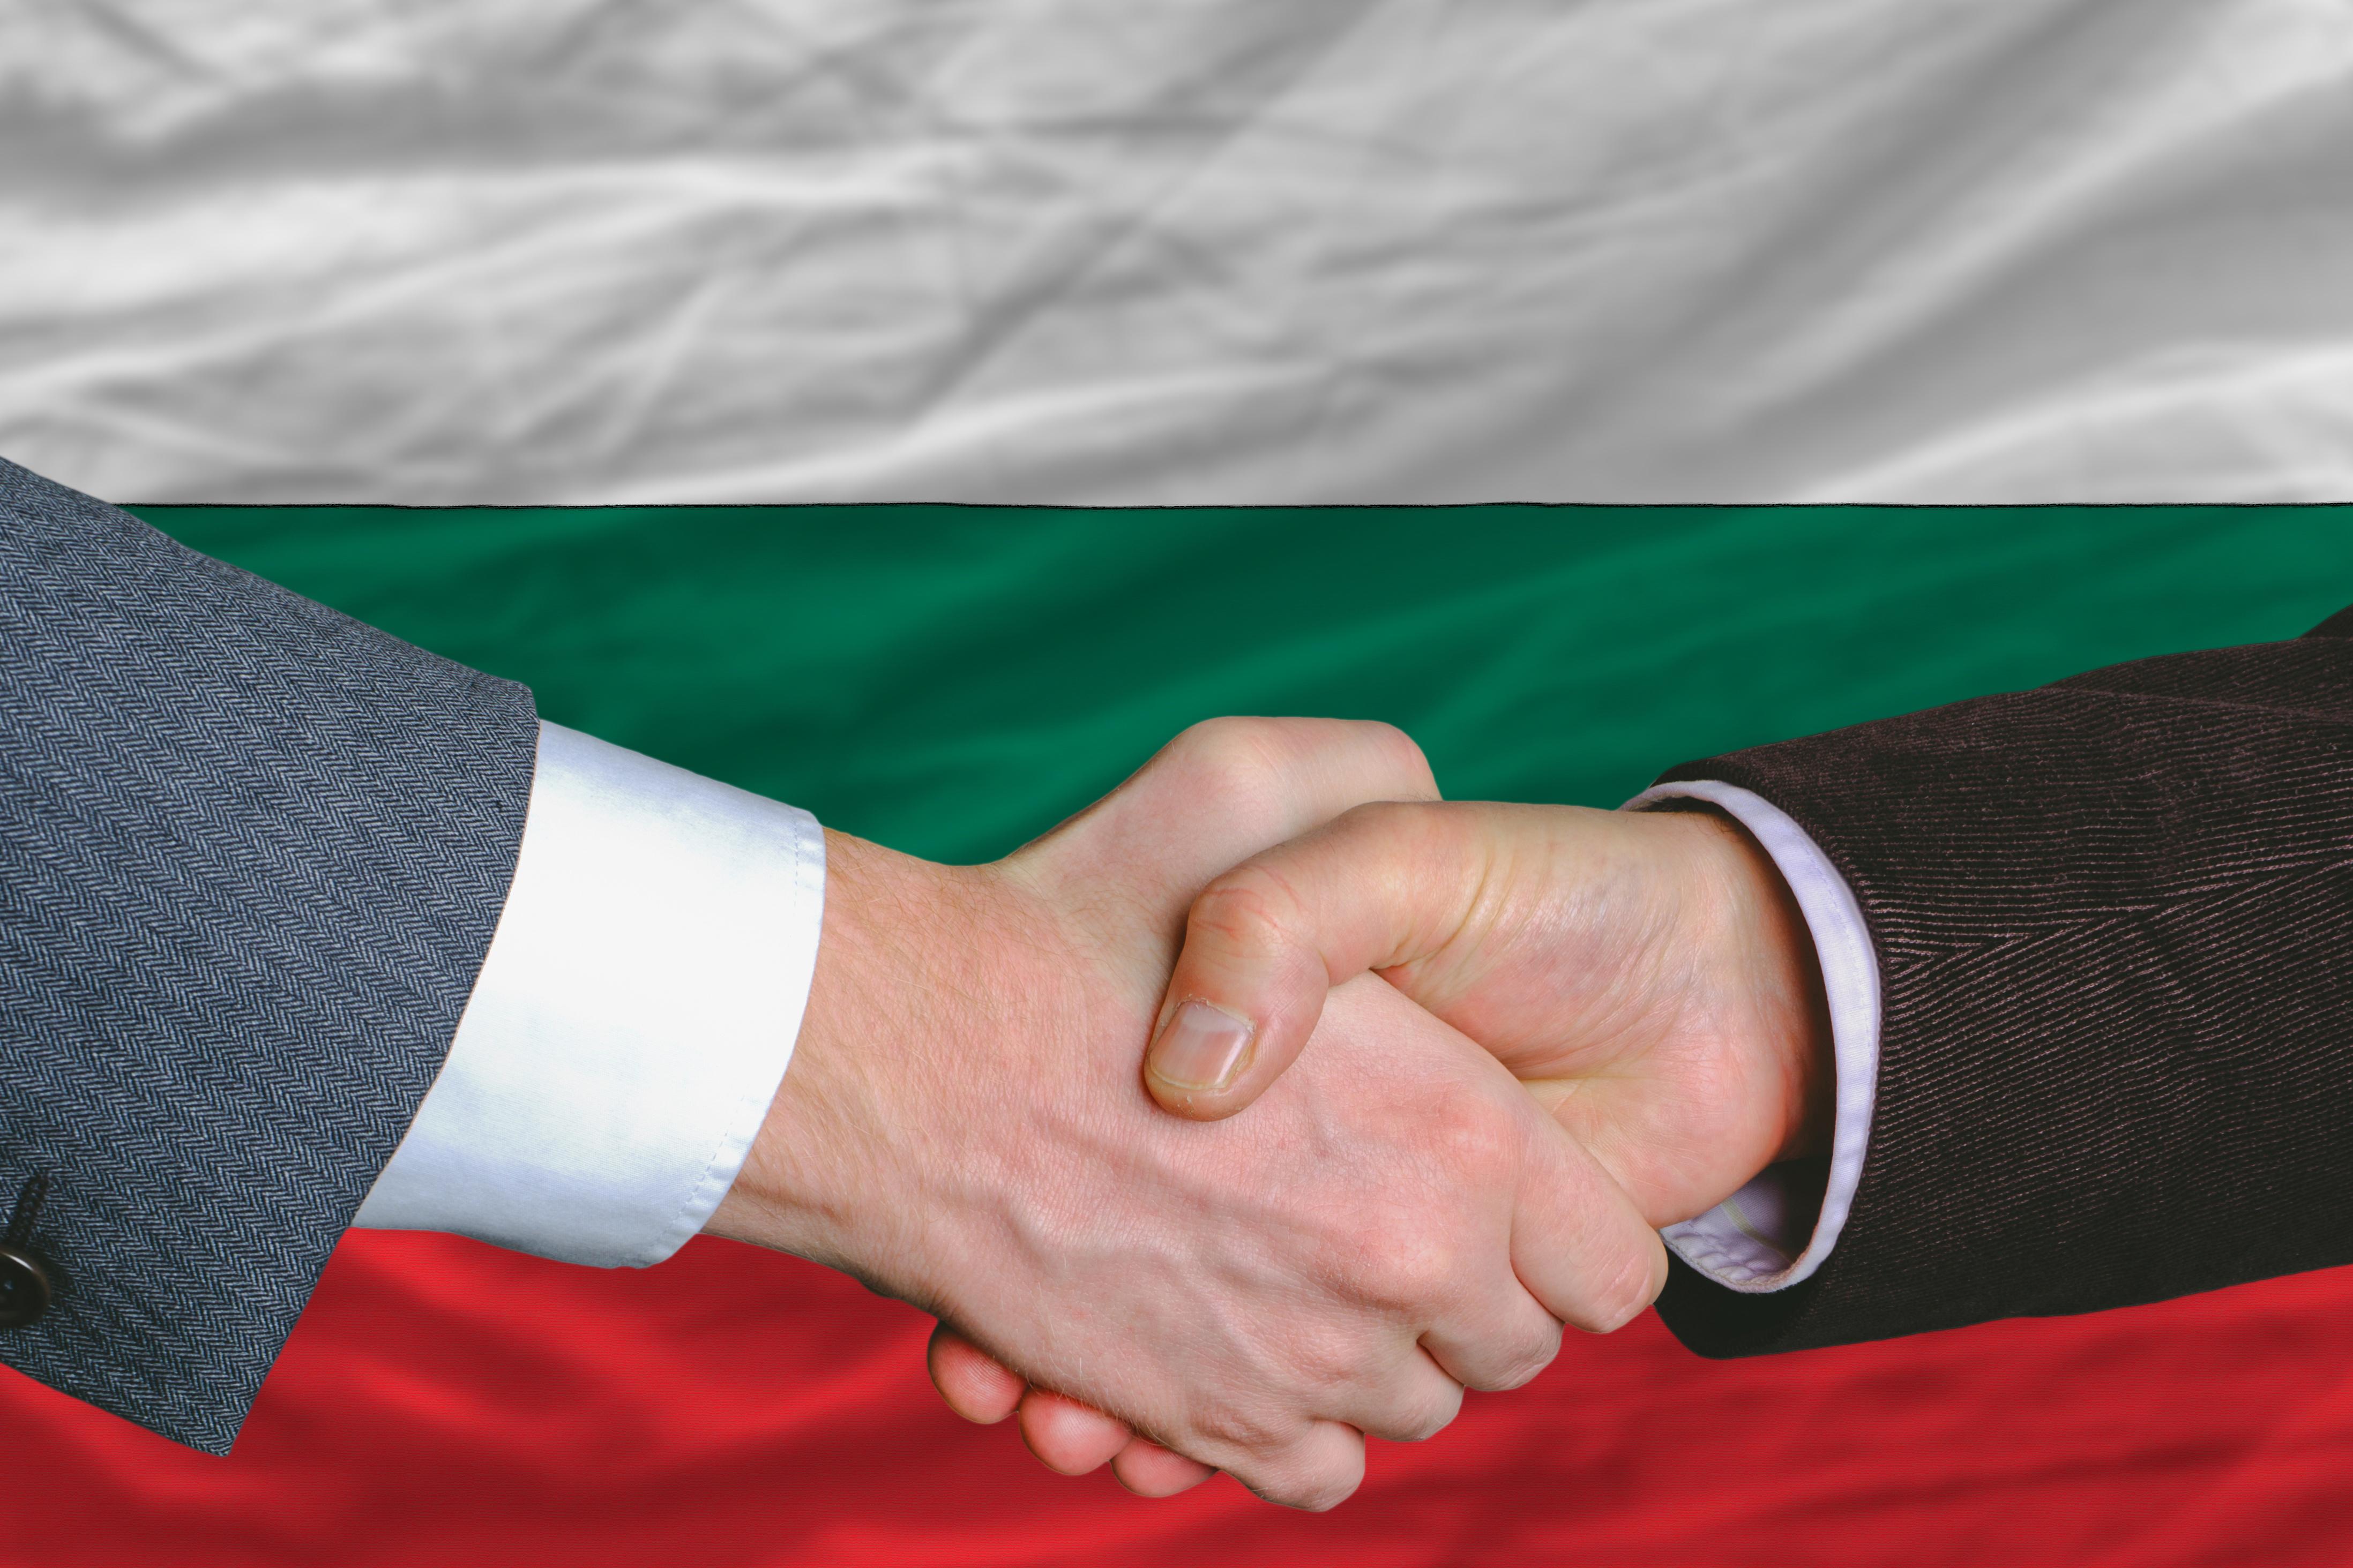 Рукопожатие на фоне флага Болгарии, где работа доступна для иностранцев